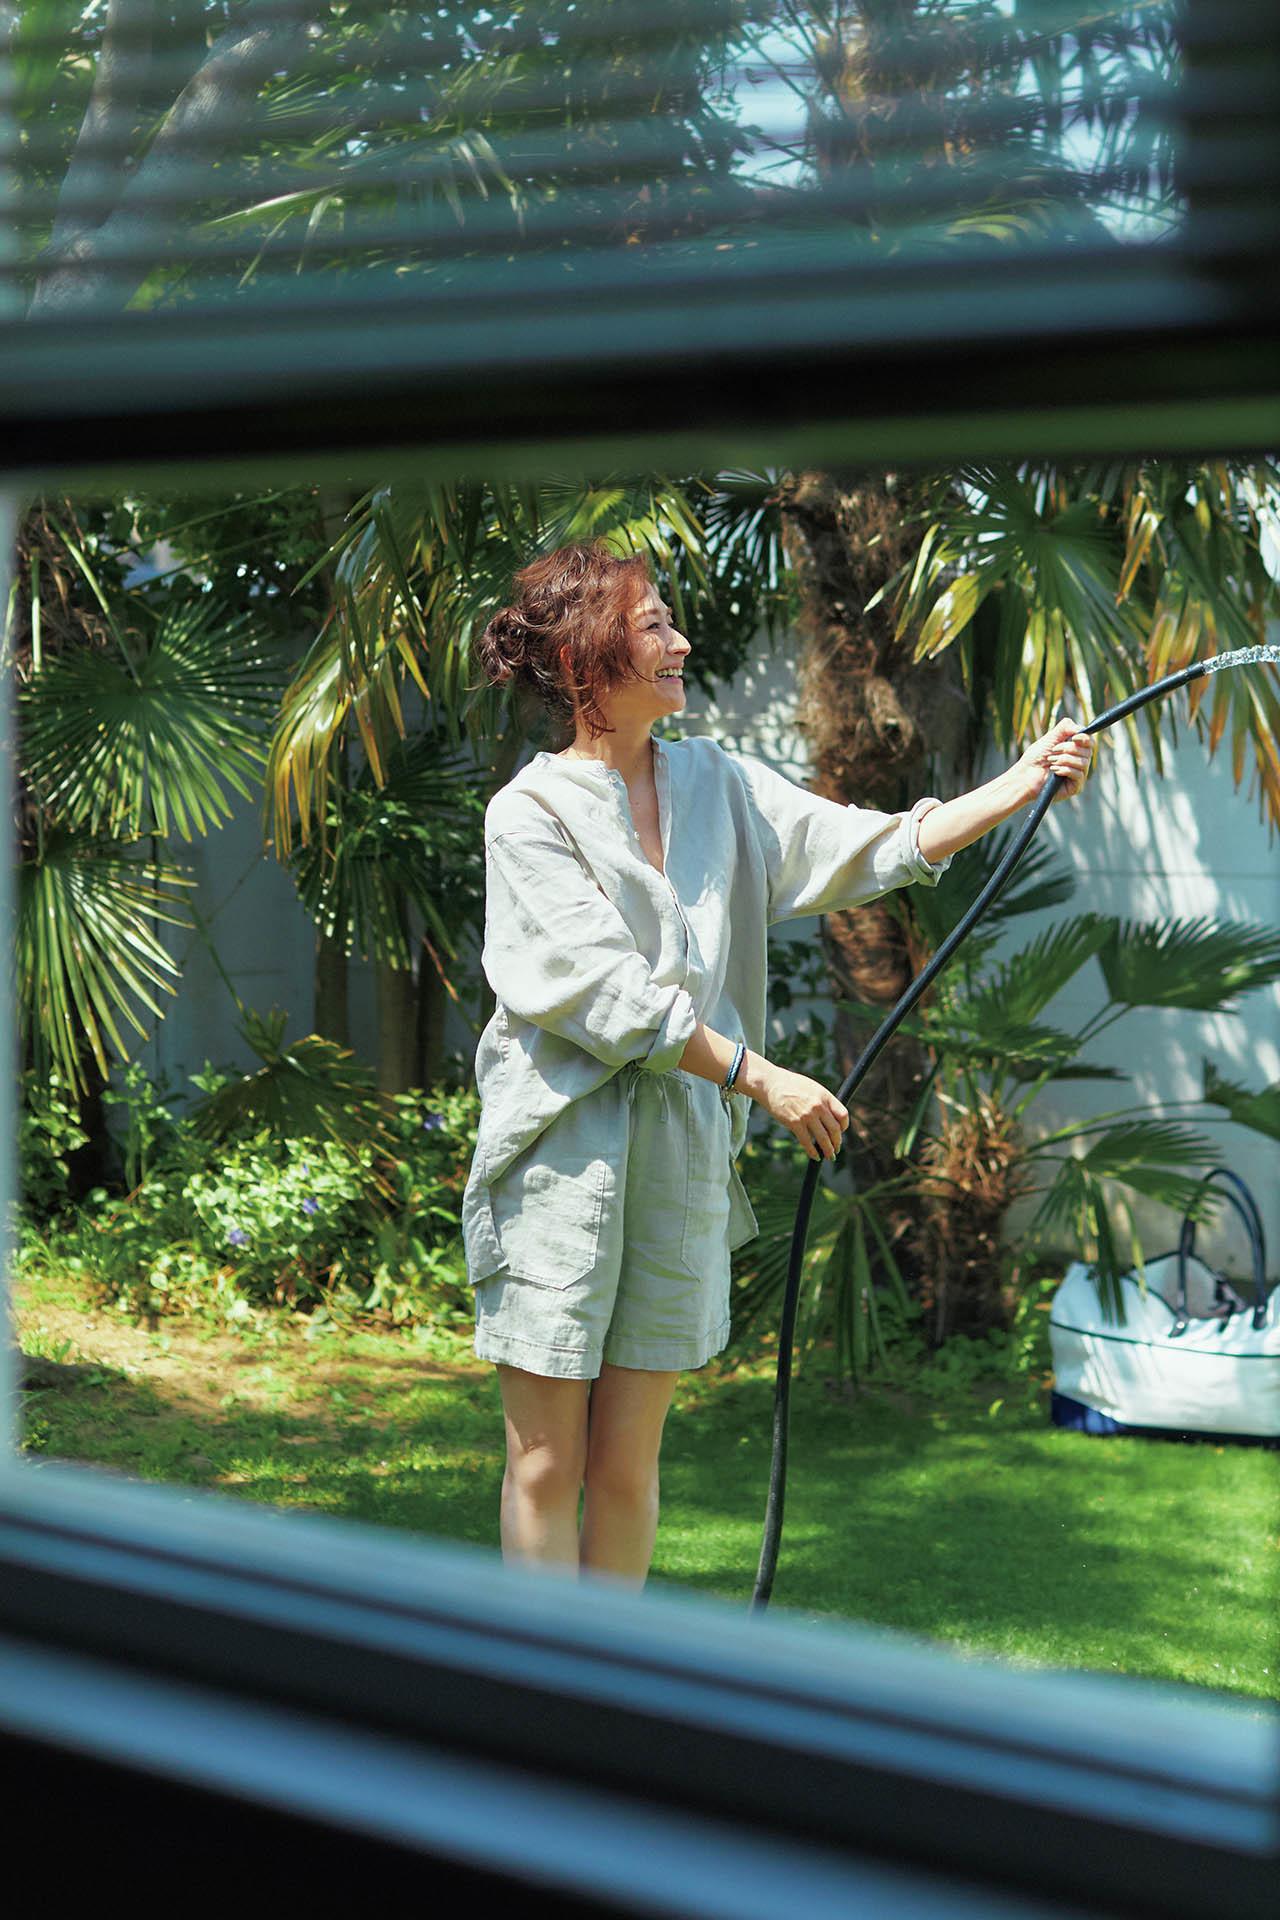 この季節だからこそ楽しみたい。亜希、「夏のある日のワントーン」 五選_1_1-1